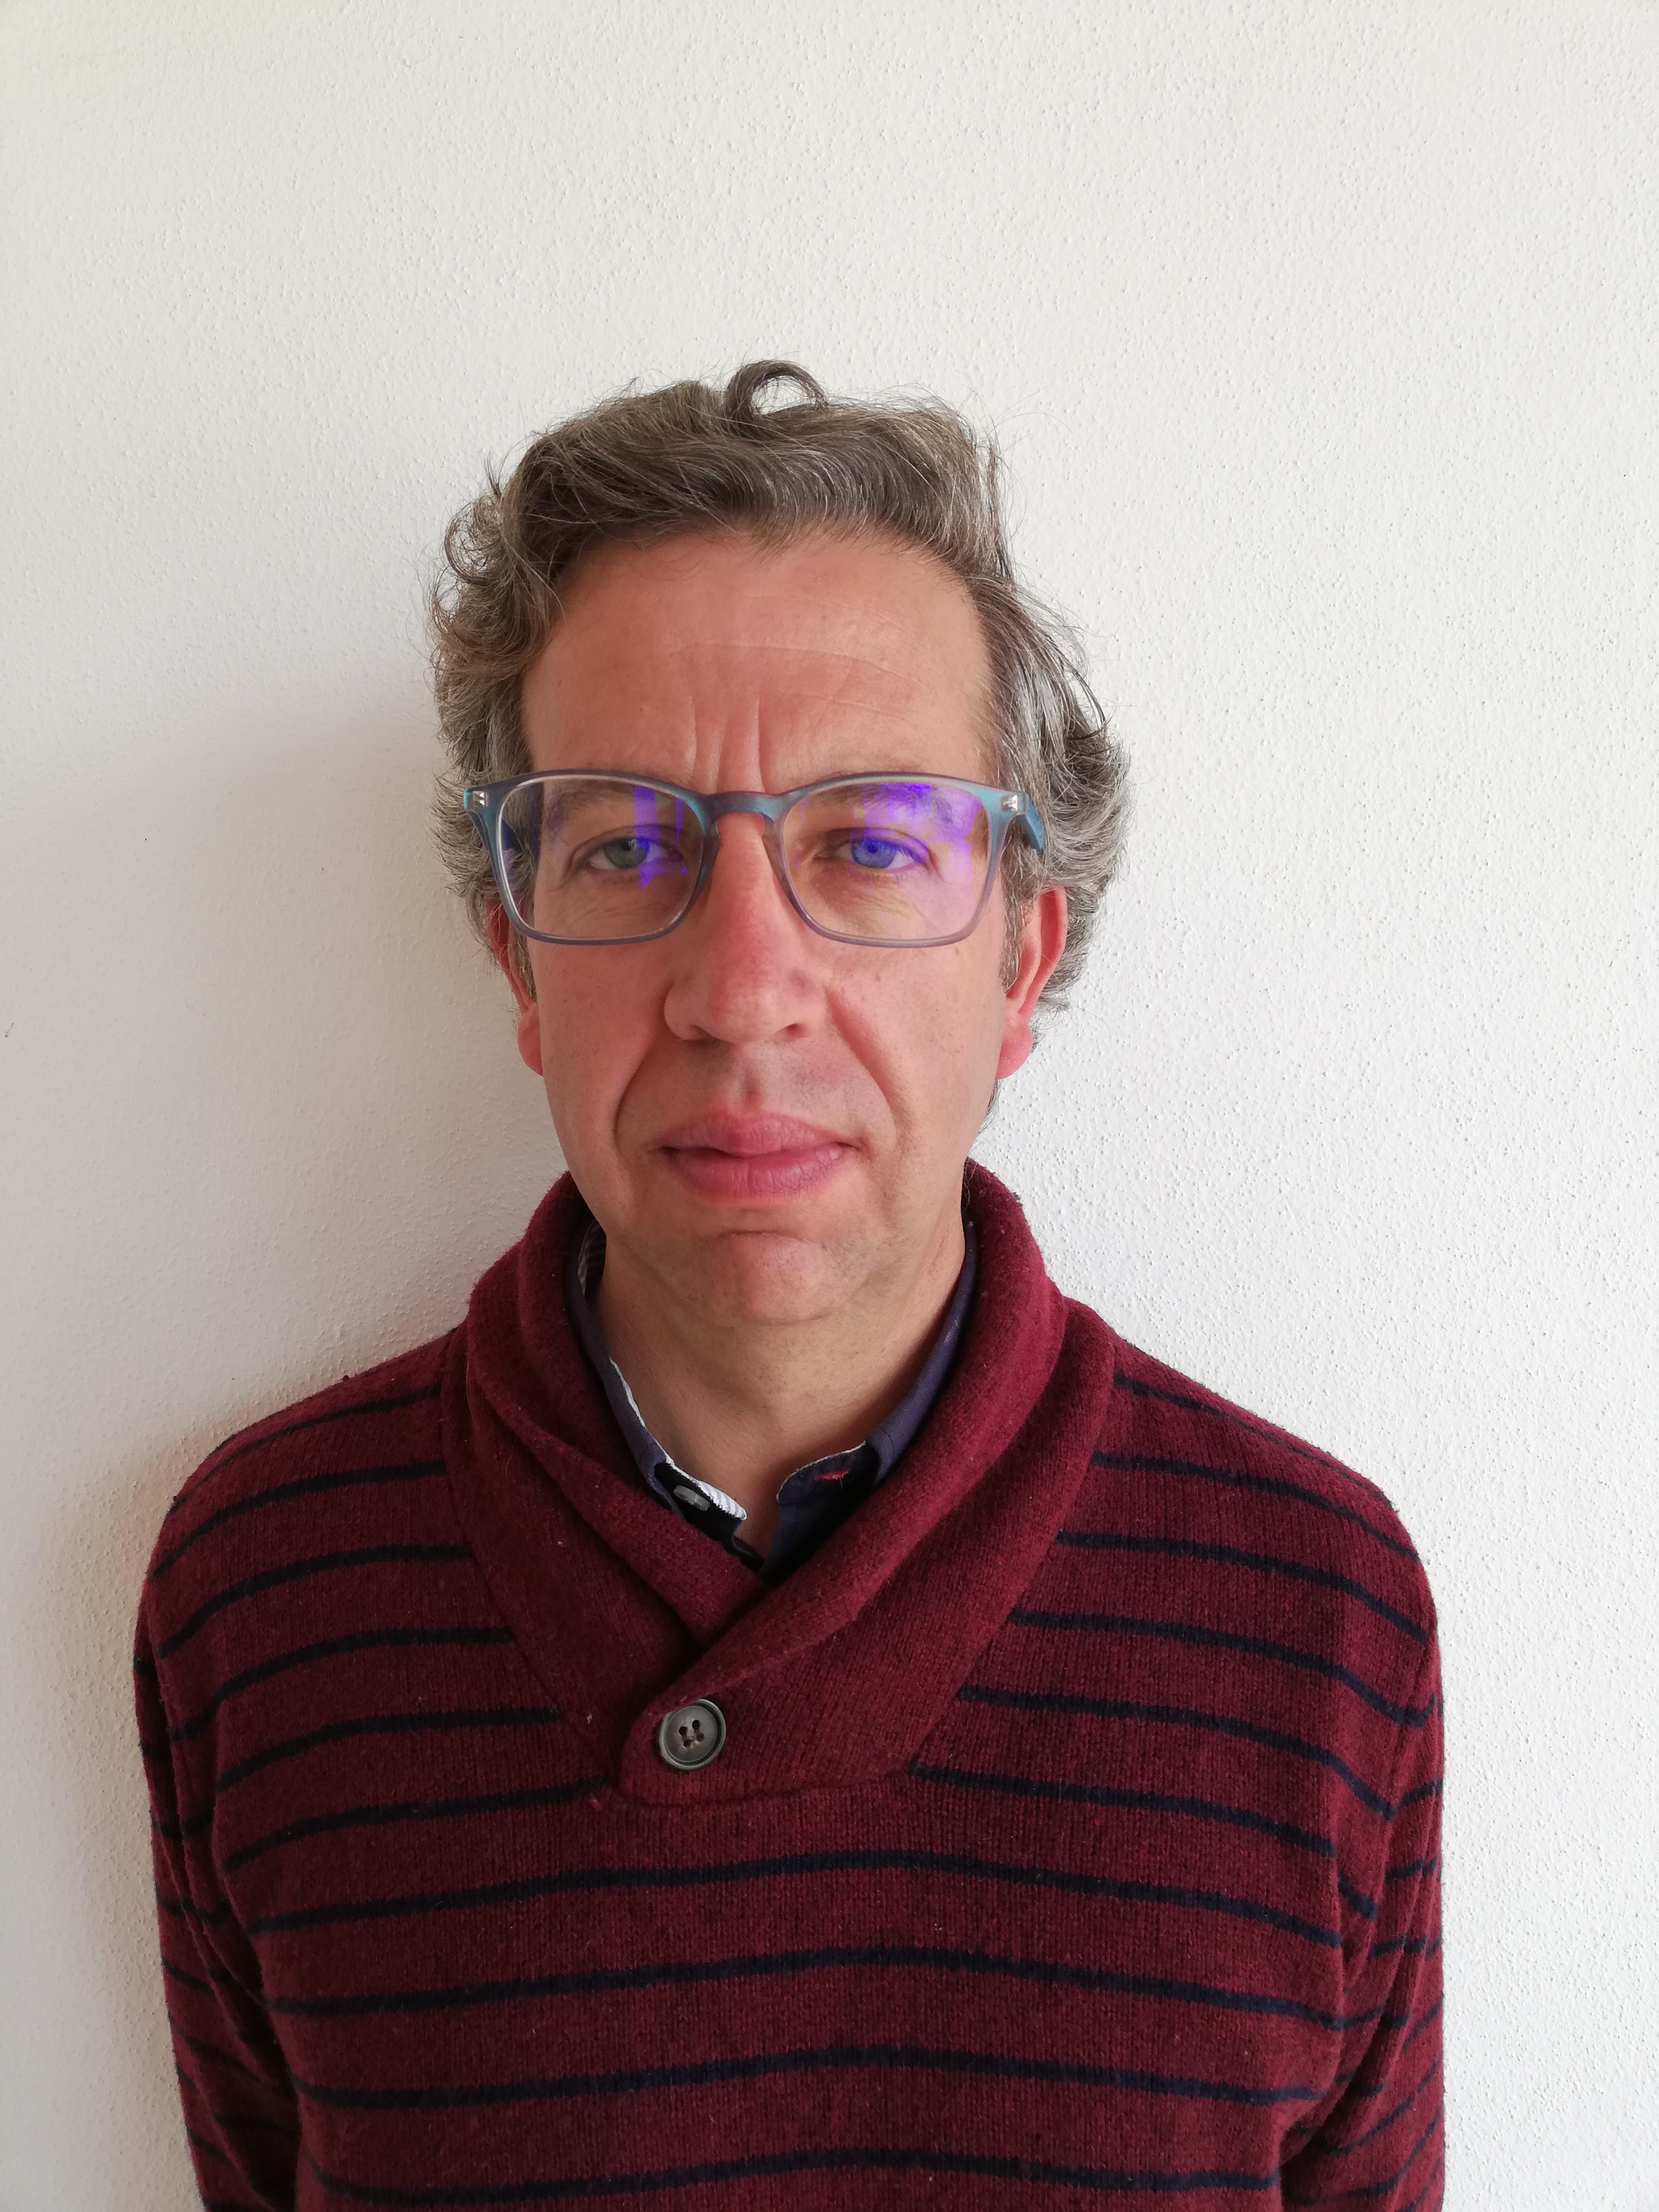 Paulo Velez